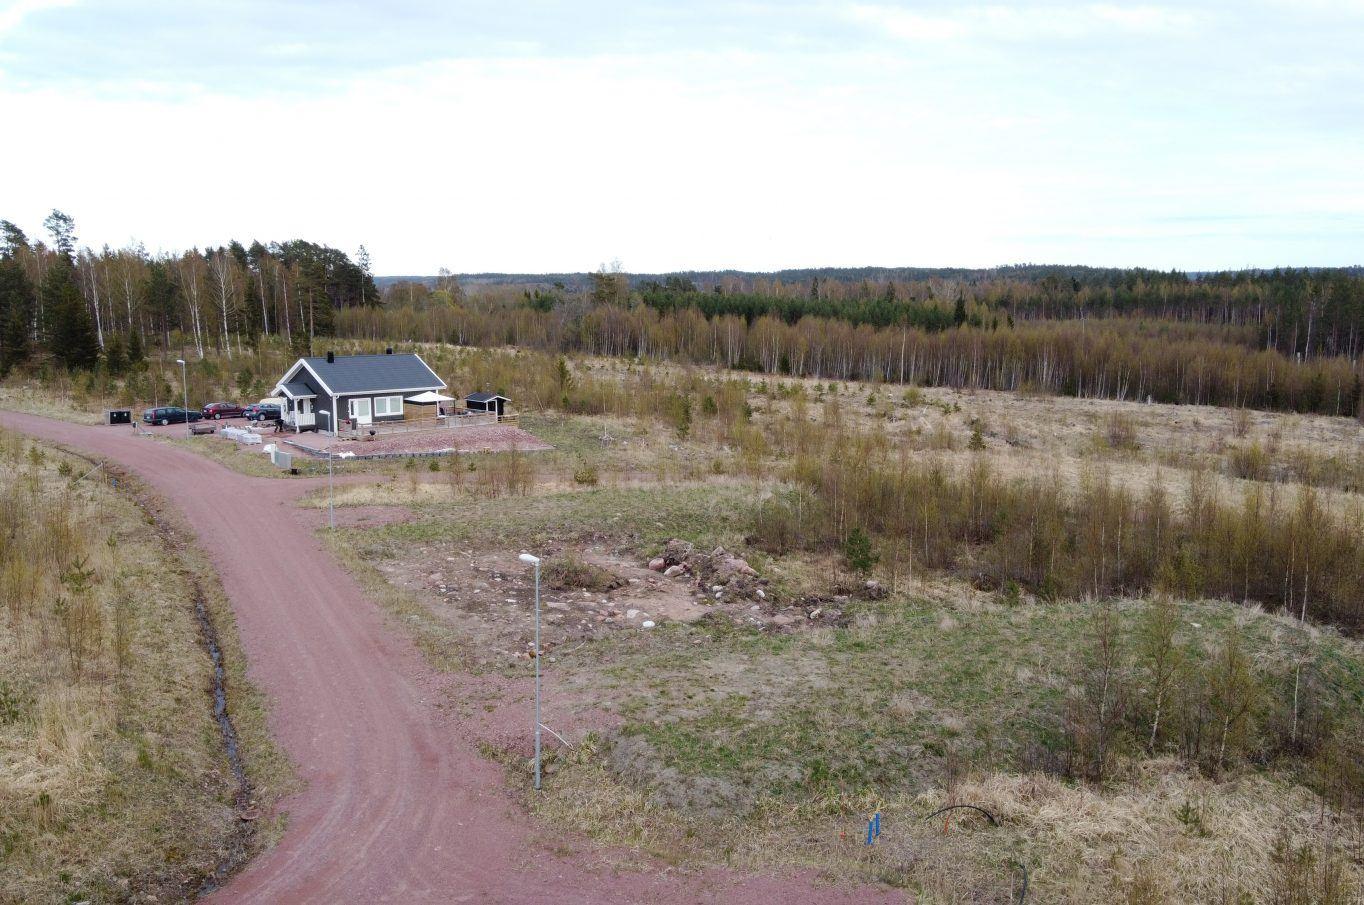 Bostadstomt i området Solhöjden, Saltvik.